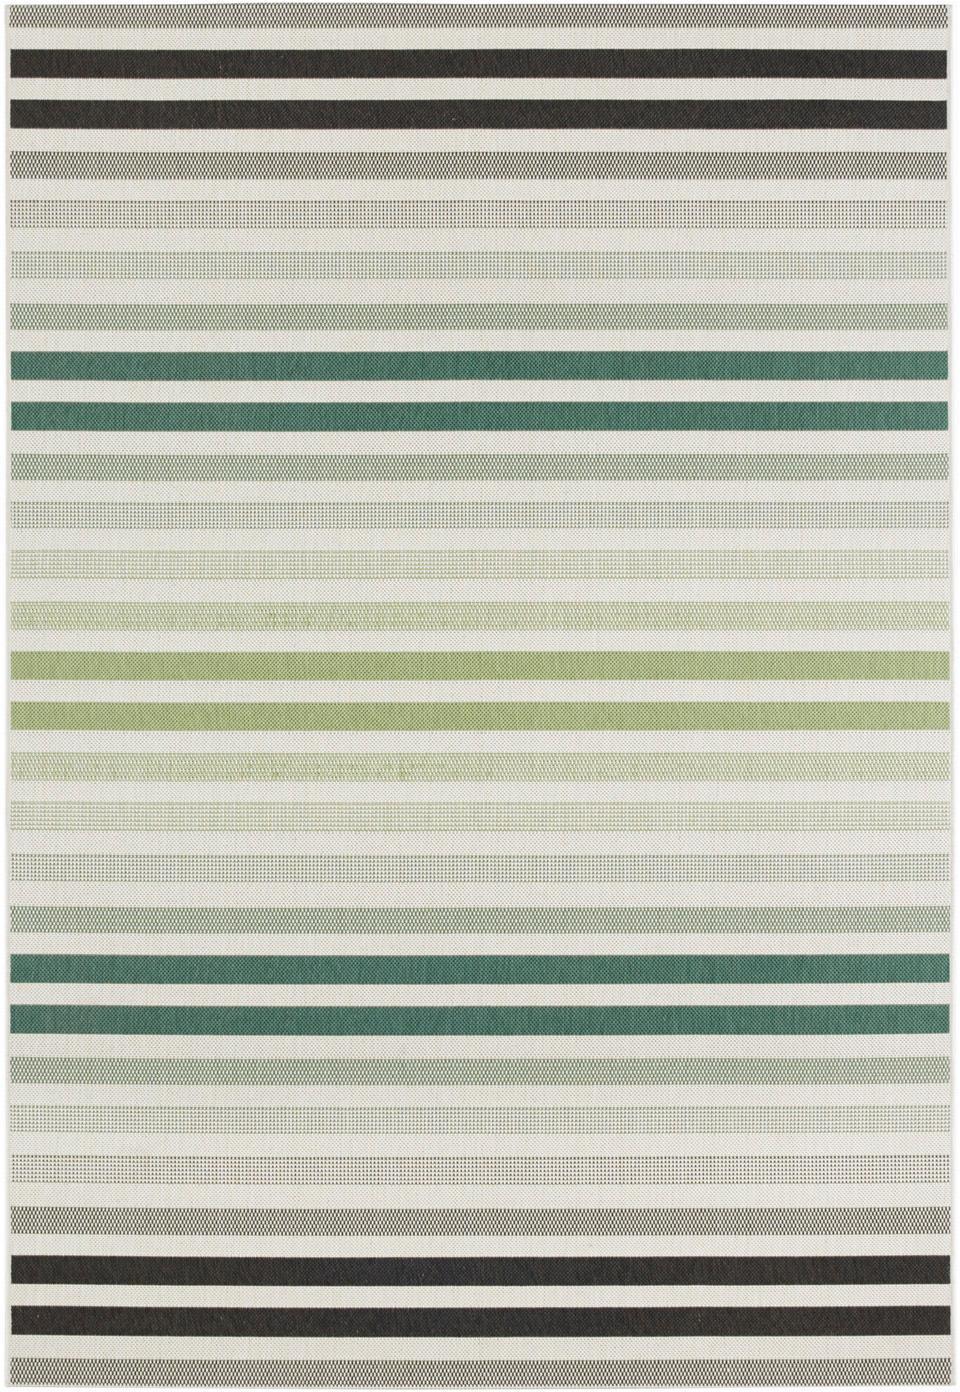 Gestreifter In- & Outdoor-Teppich Paros, 100% Polypropylen, Grün, Beige, Anthrazit, B 160 x L 230 cm (Größe M)